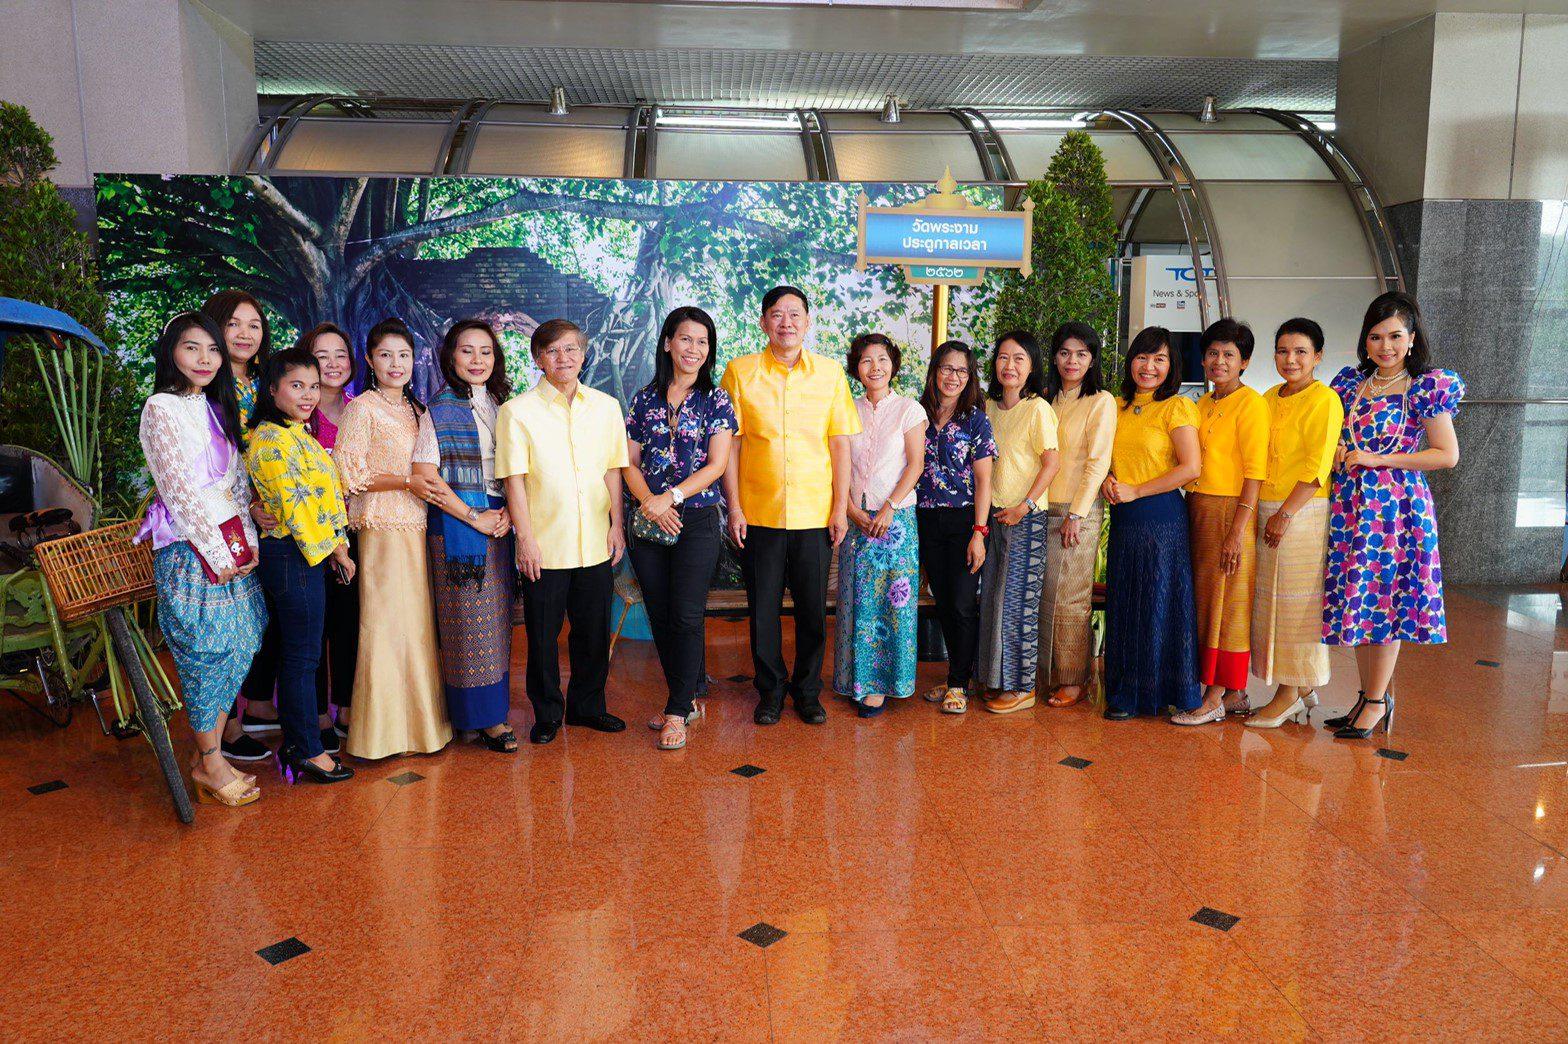 """ทีโอที จัดกิจกรรม """"วันครอบครัว ทีโอที"""" เนื่องในเทศกาลสงกรานต์ปีใหม่ไทย"""